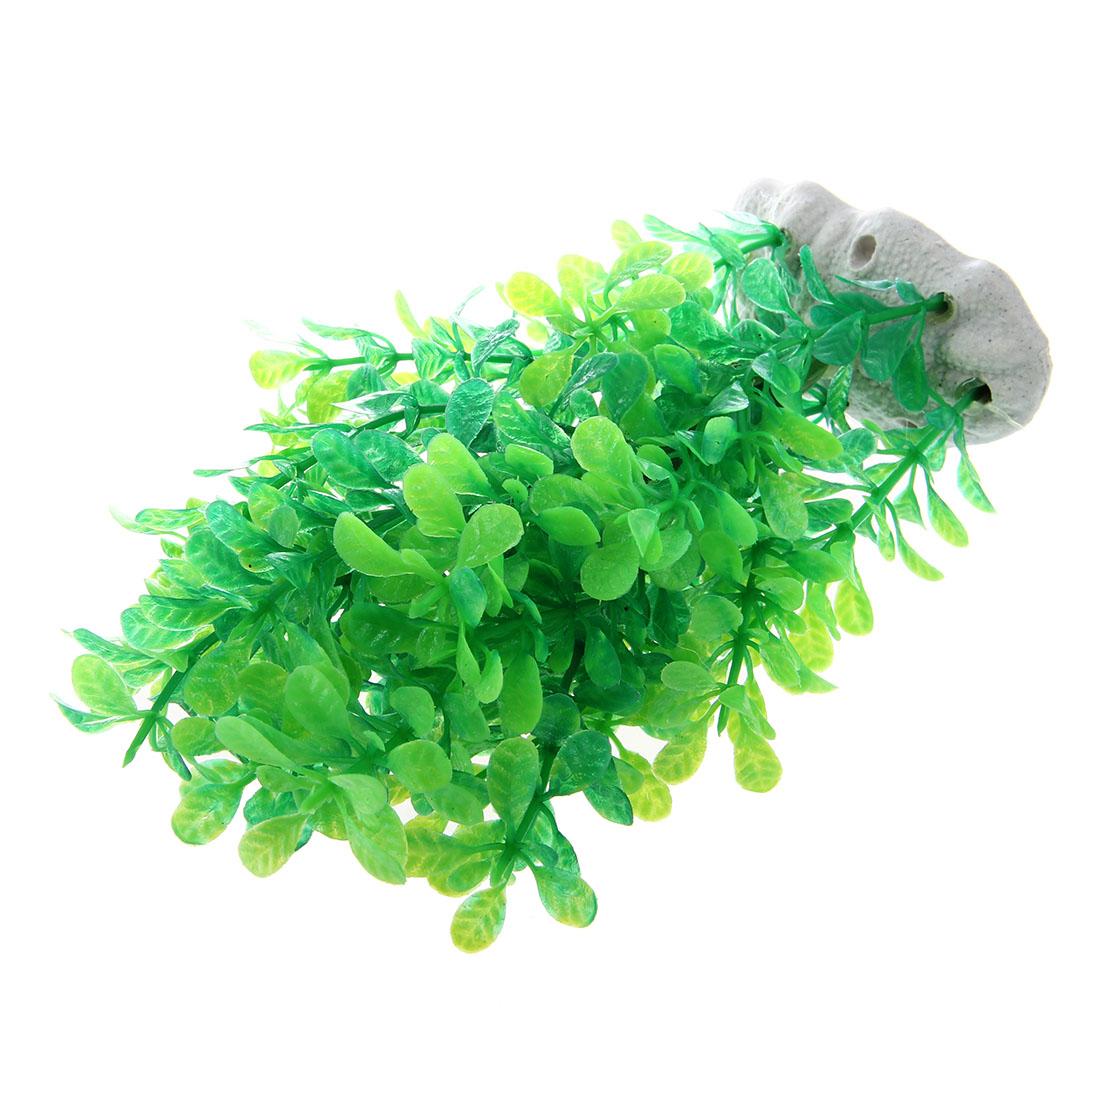 gruen gefaelschte plastik wasserpflanzen fuer aquarium. Black Bedroom Furniture Sets. Home Design Ideas